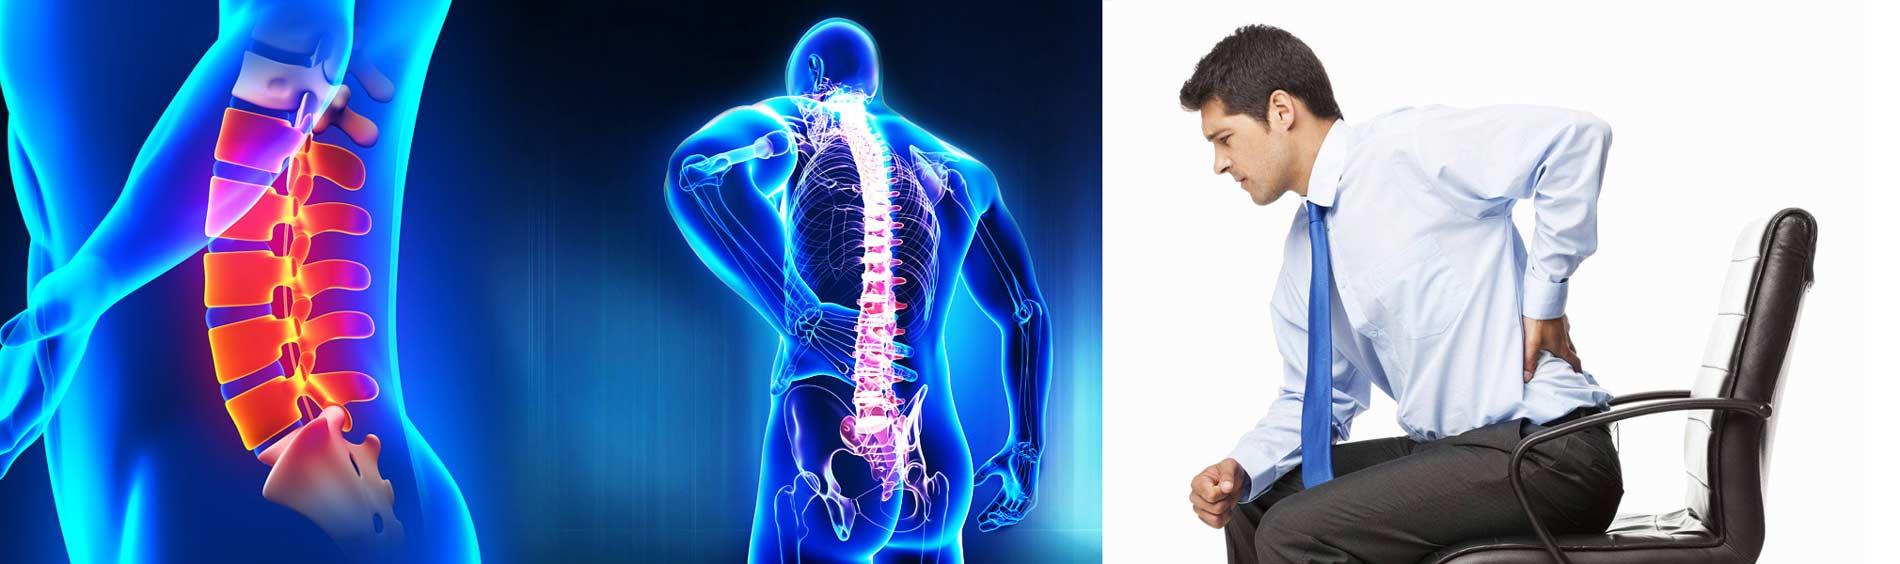 پشتی طبی ماساژوردار برای درمان کمردرد